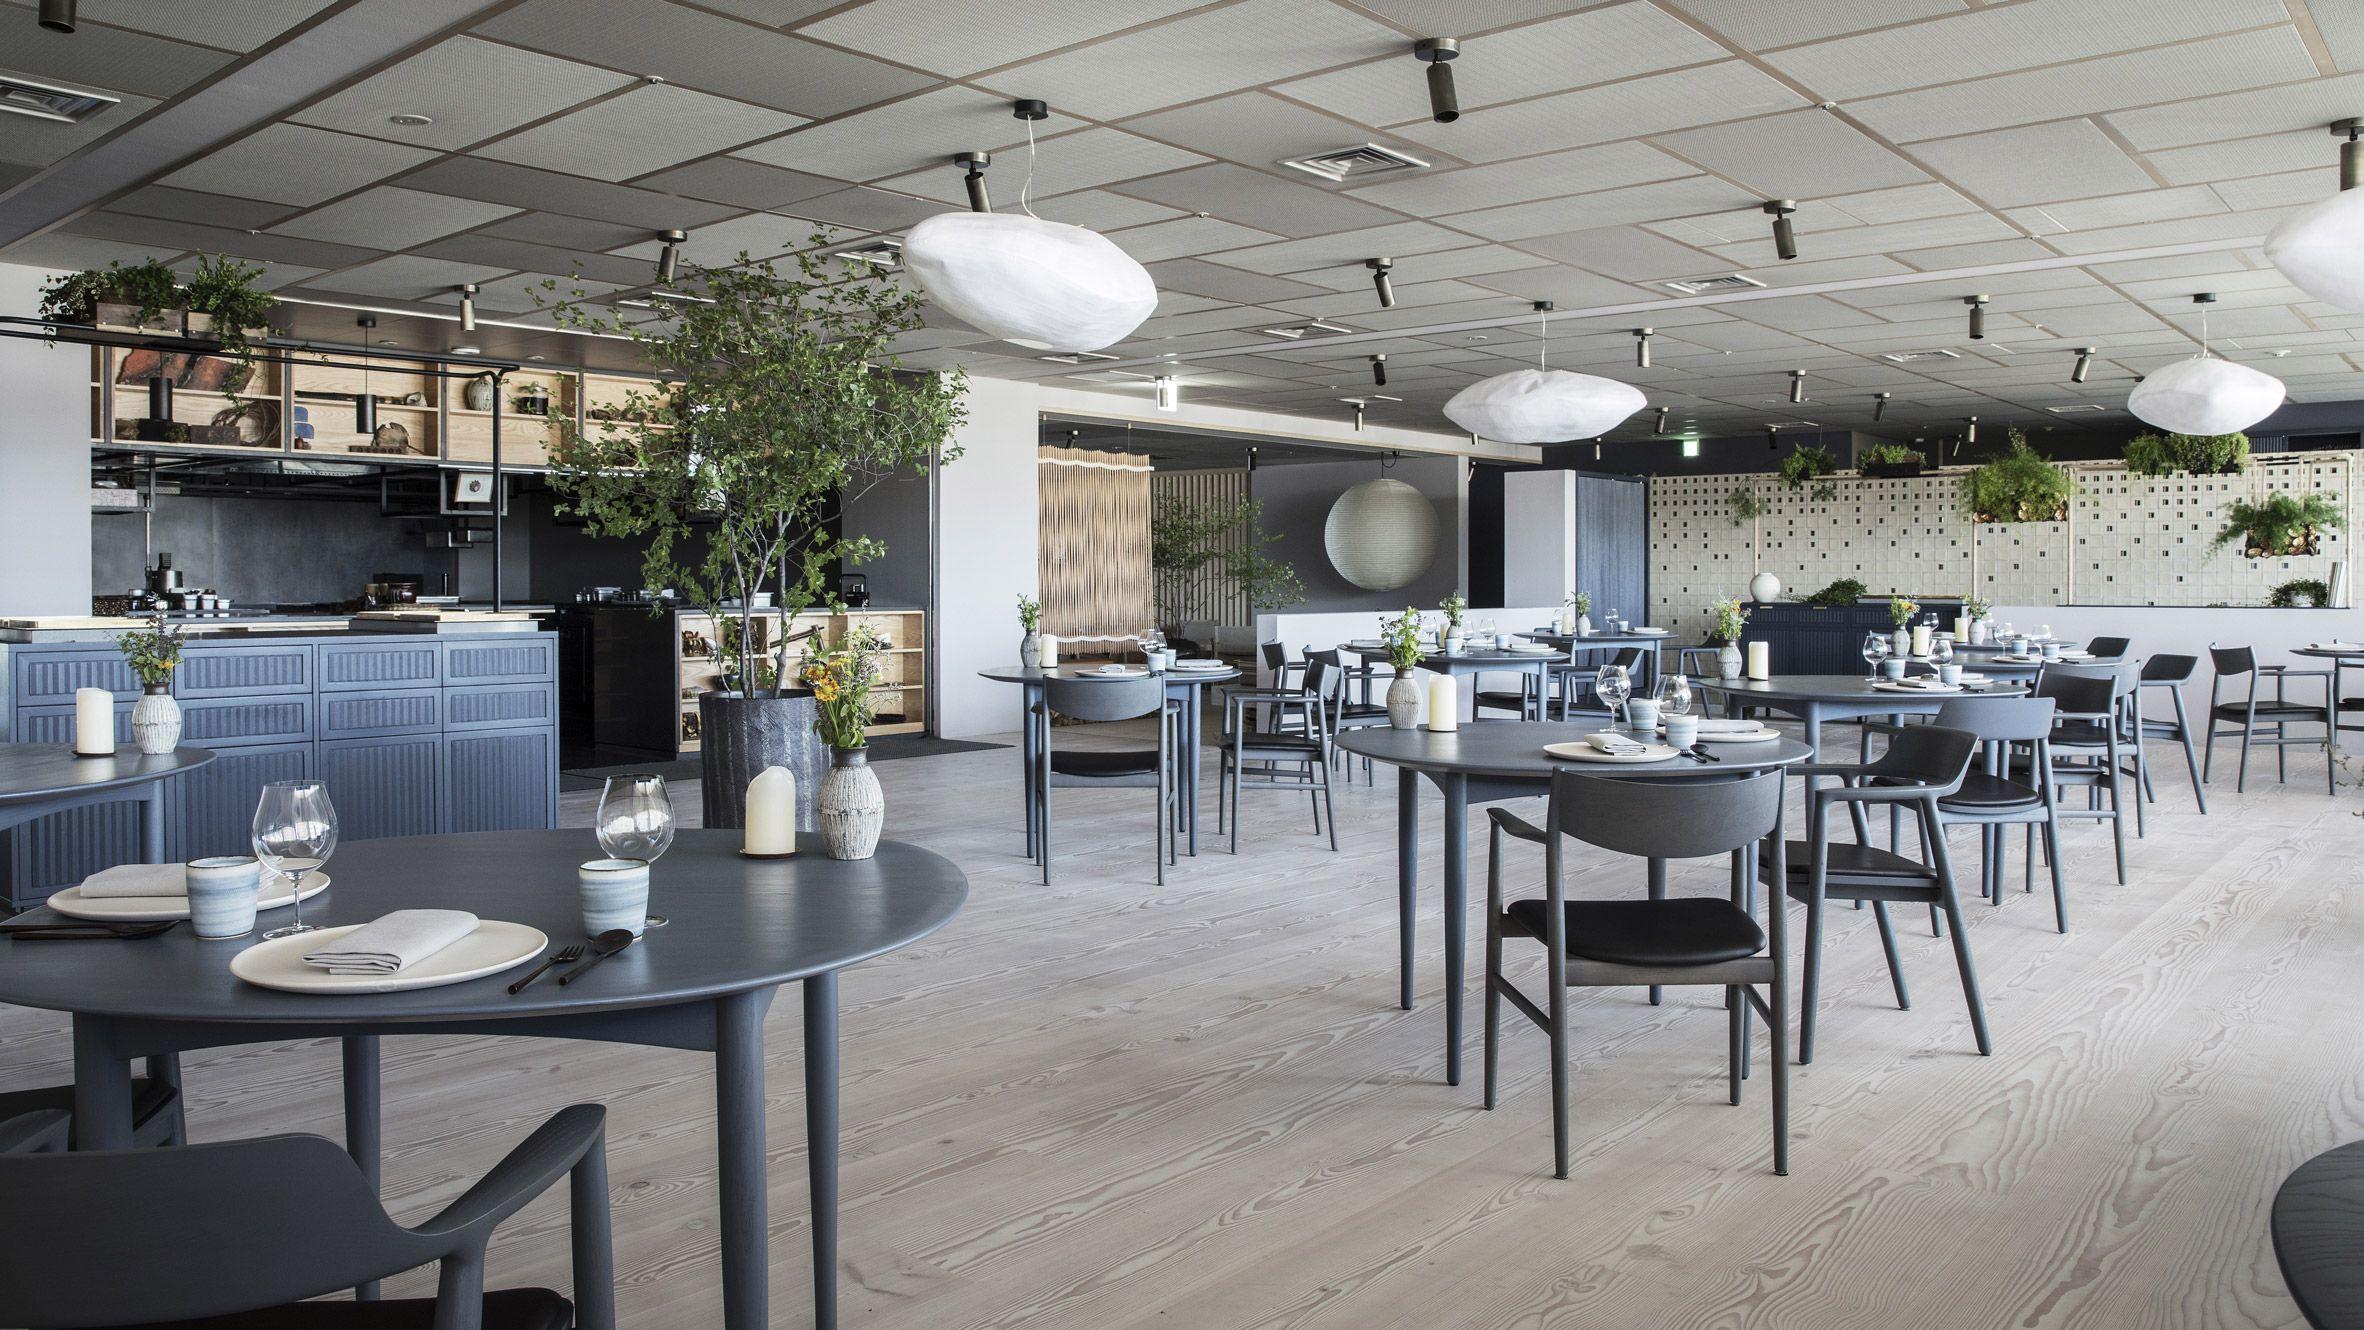 Tokyo S Inua Restaurant Blends Japanese And Scandinavian